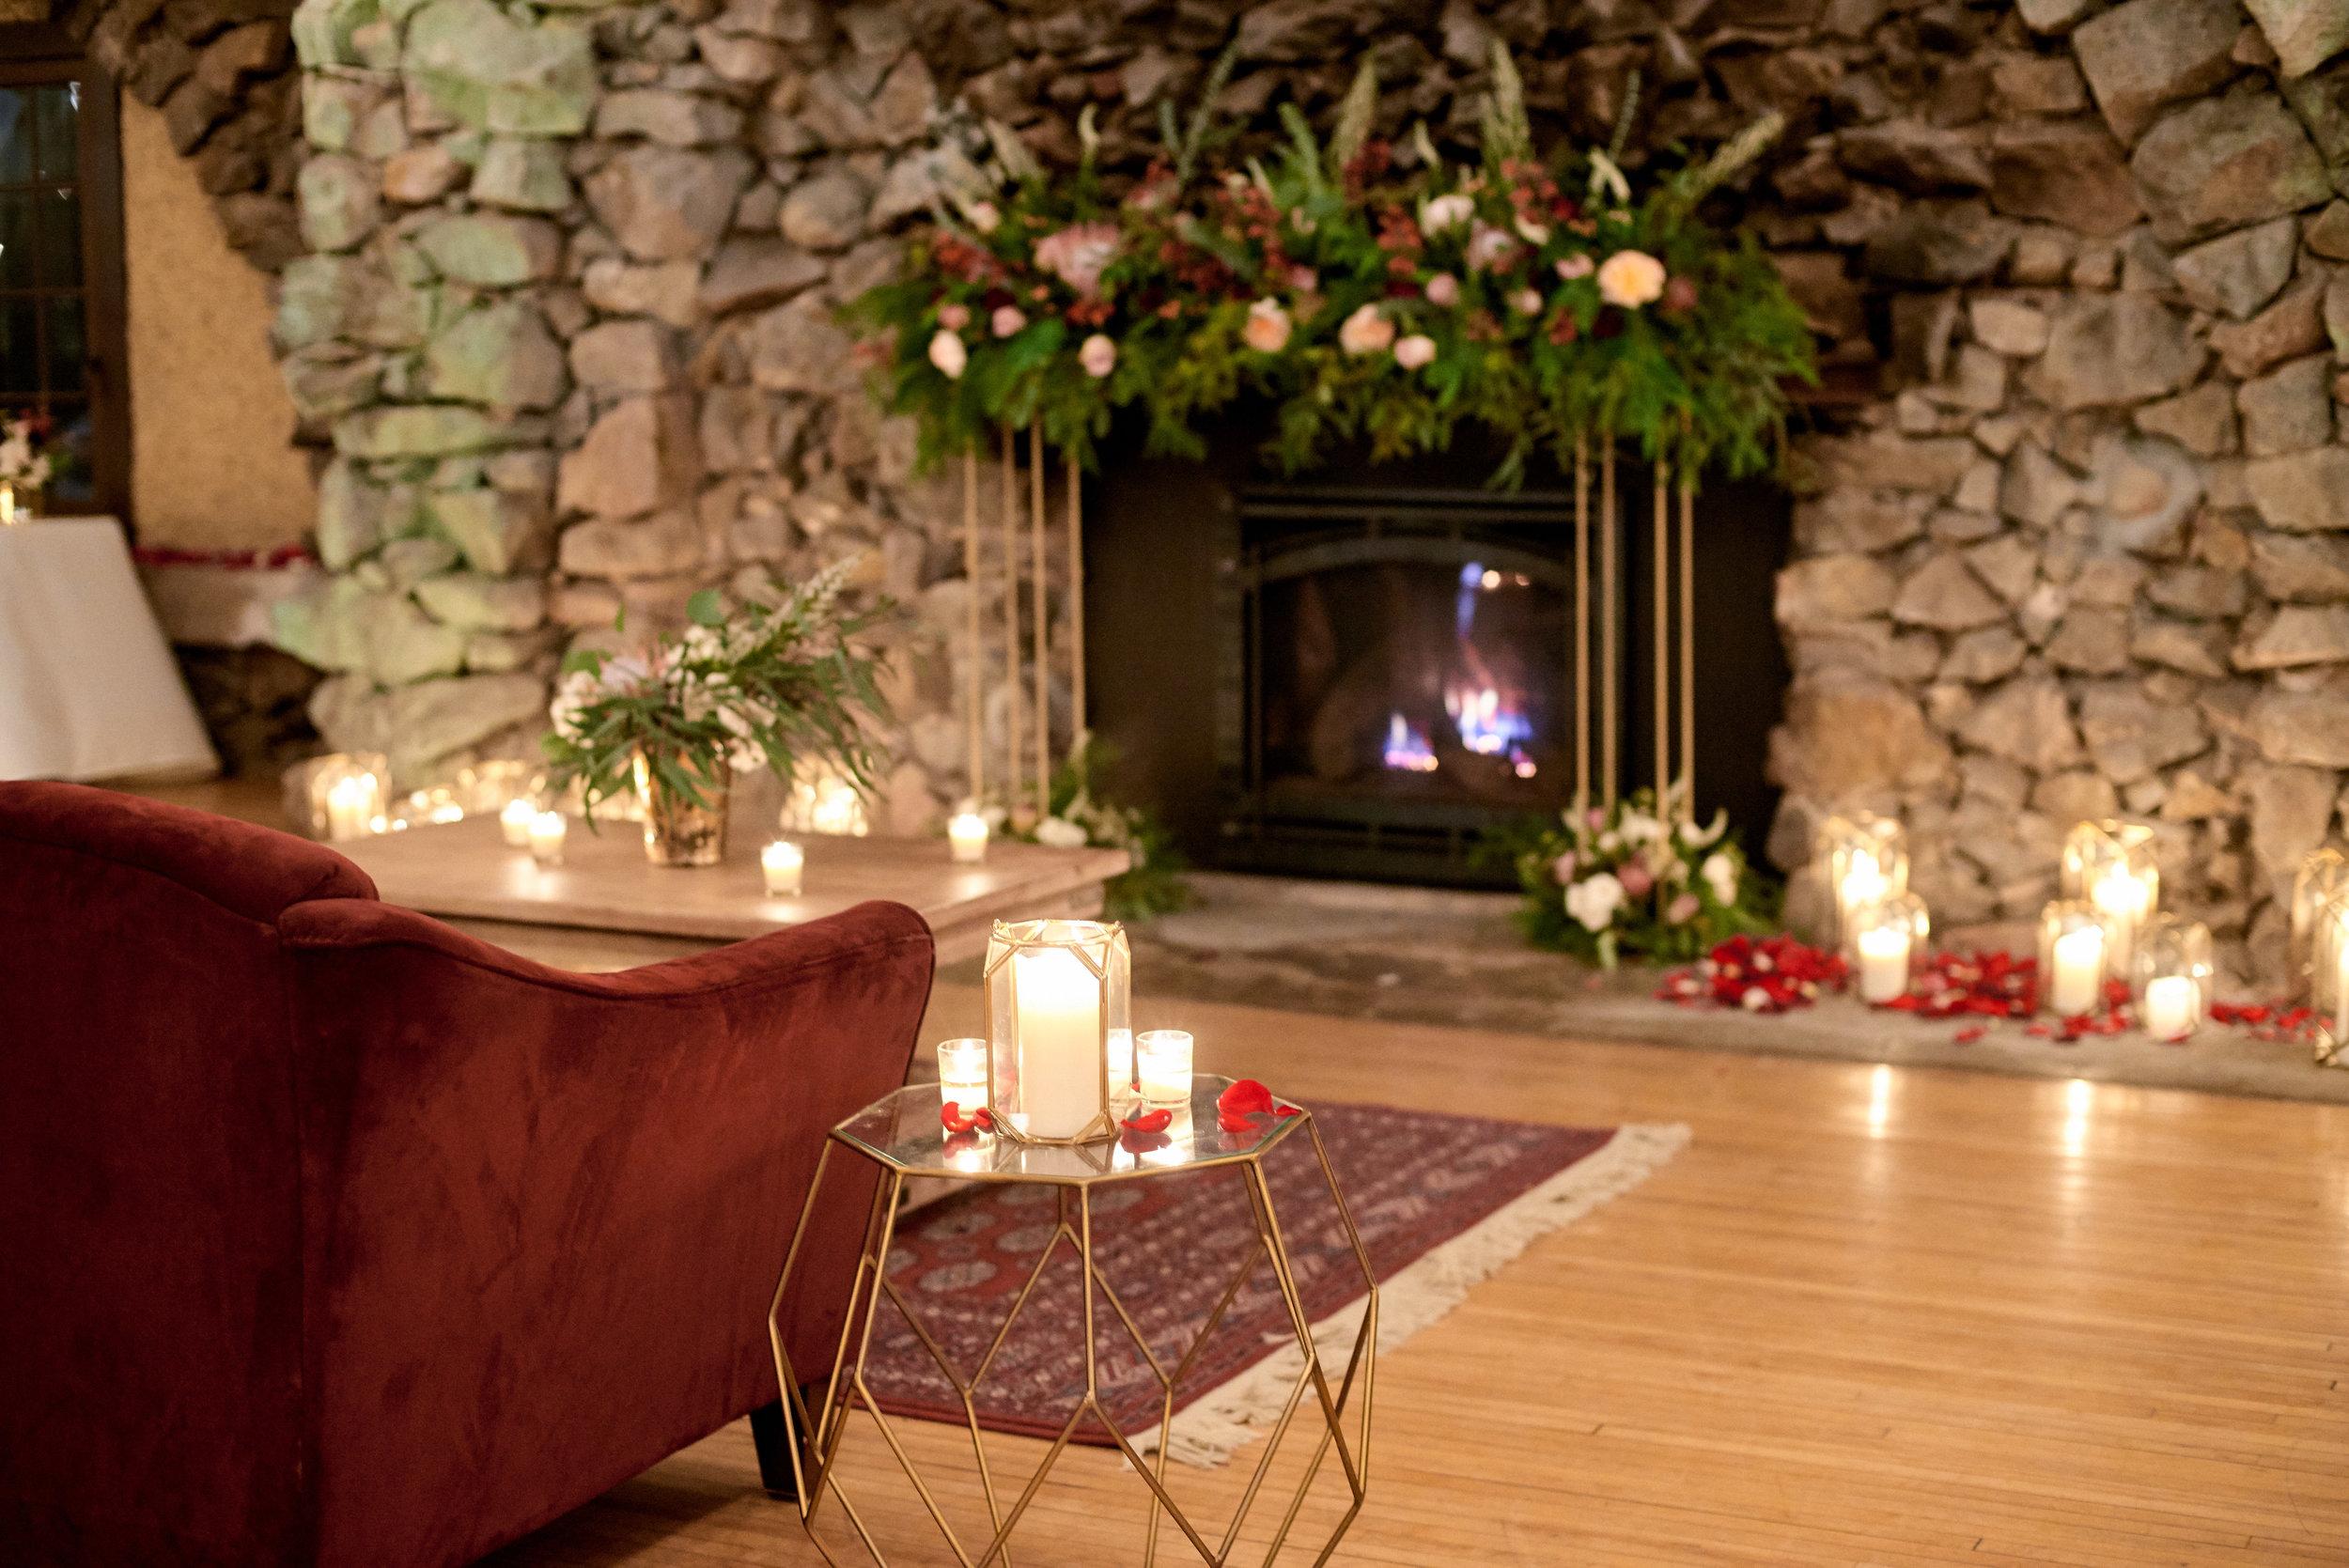 668-rothschild-pavilion-winter-wedding.jpg